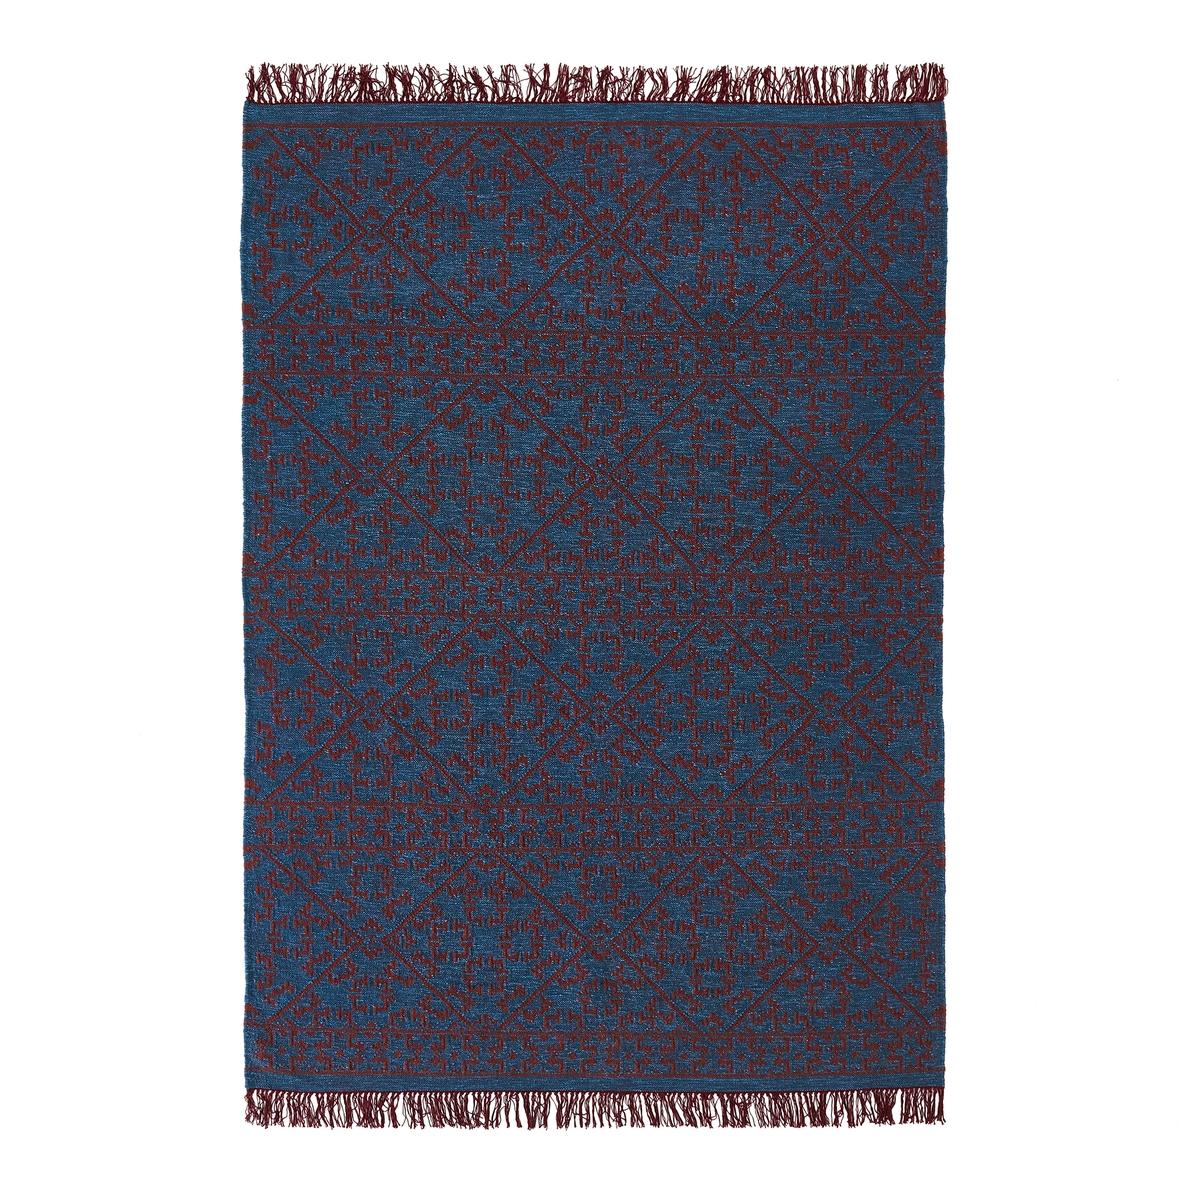 Ковер килим с горизонтальным плетением из шерсти, Huzuro ковер в берберском стиле из шерсти tekouma